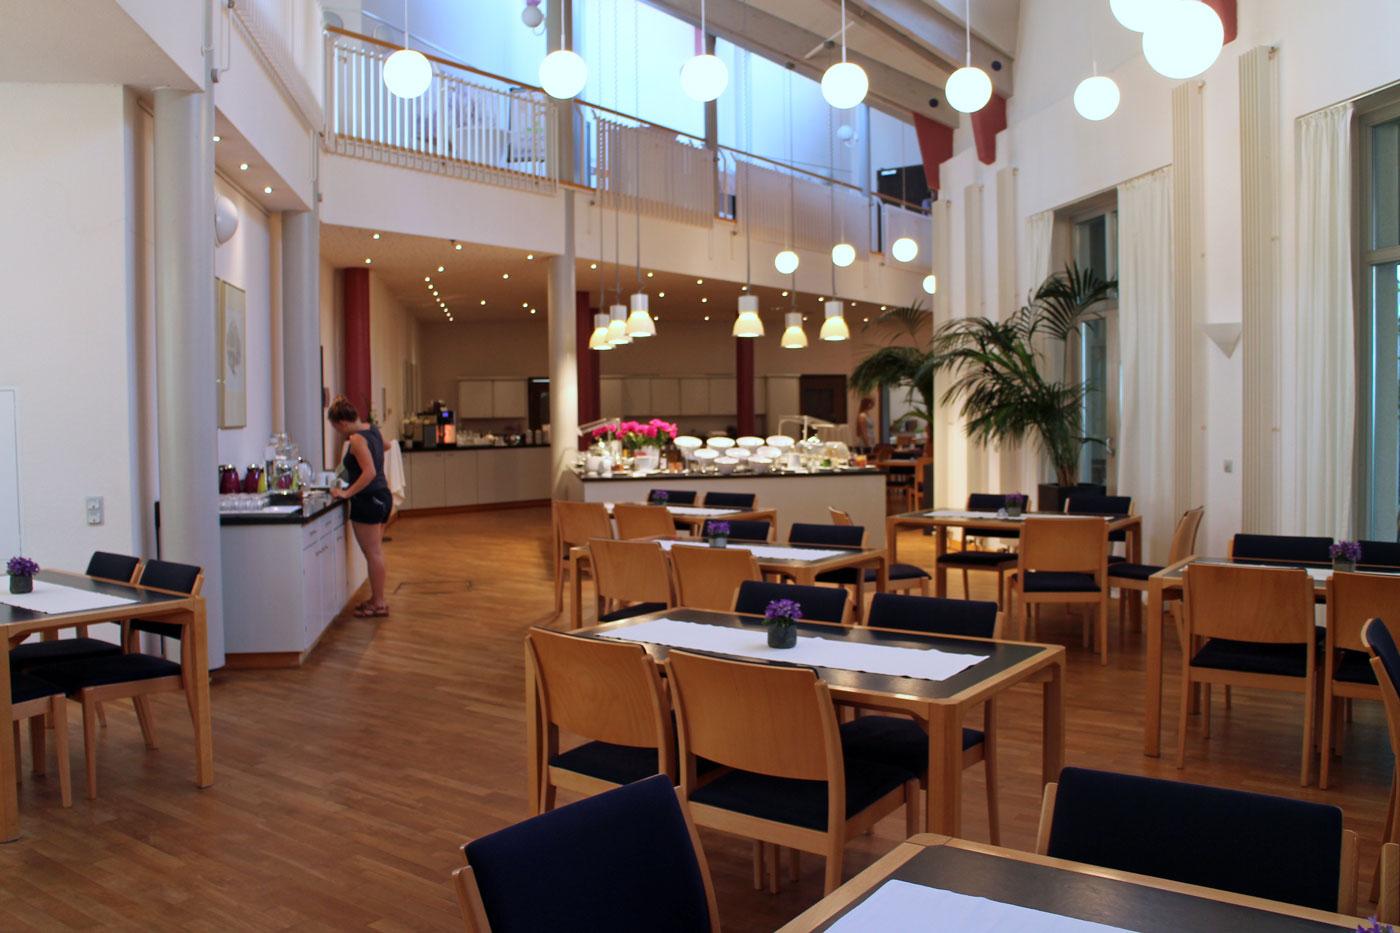 Akademie Gesundes Leben Restaurant